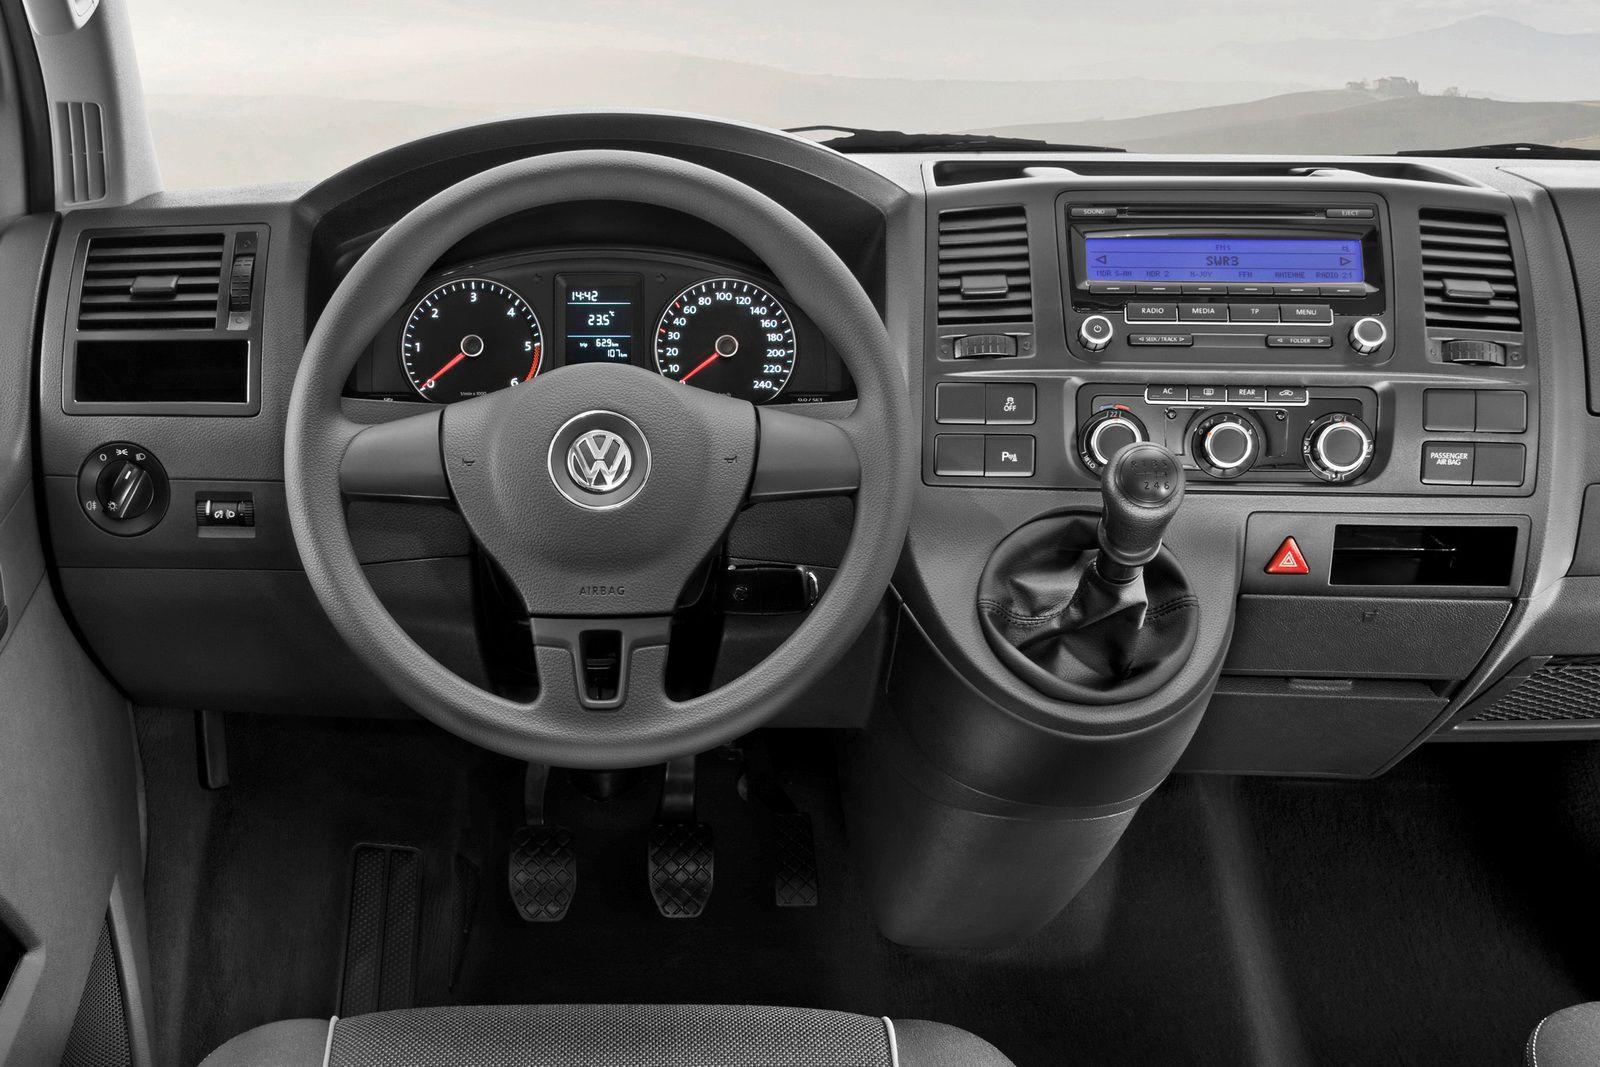 Volkswagen t5 van 2010 interior img 6 it s your auto - Commercial van interior accessories ...